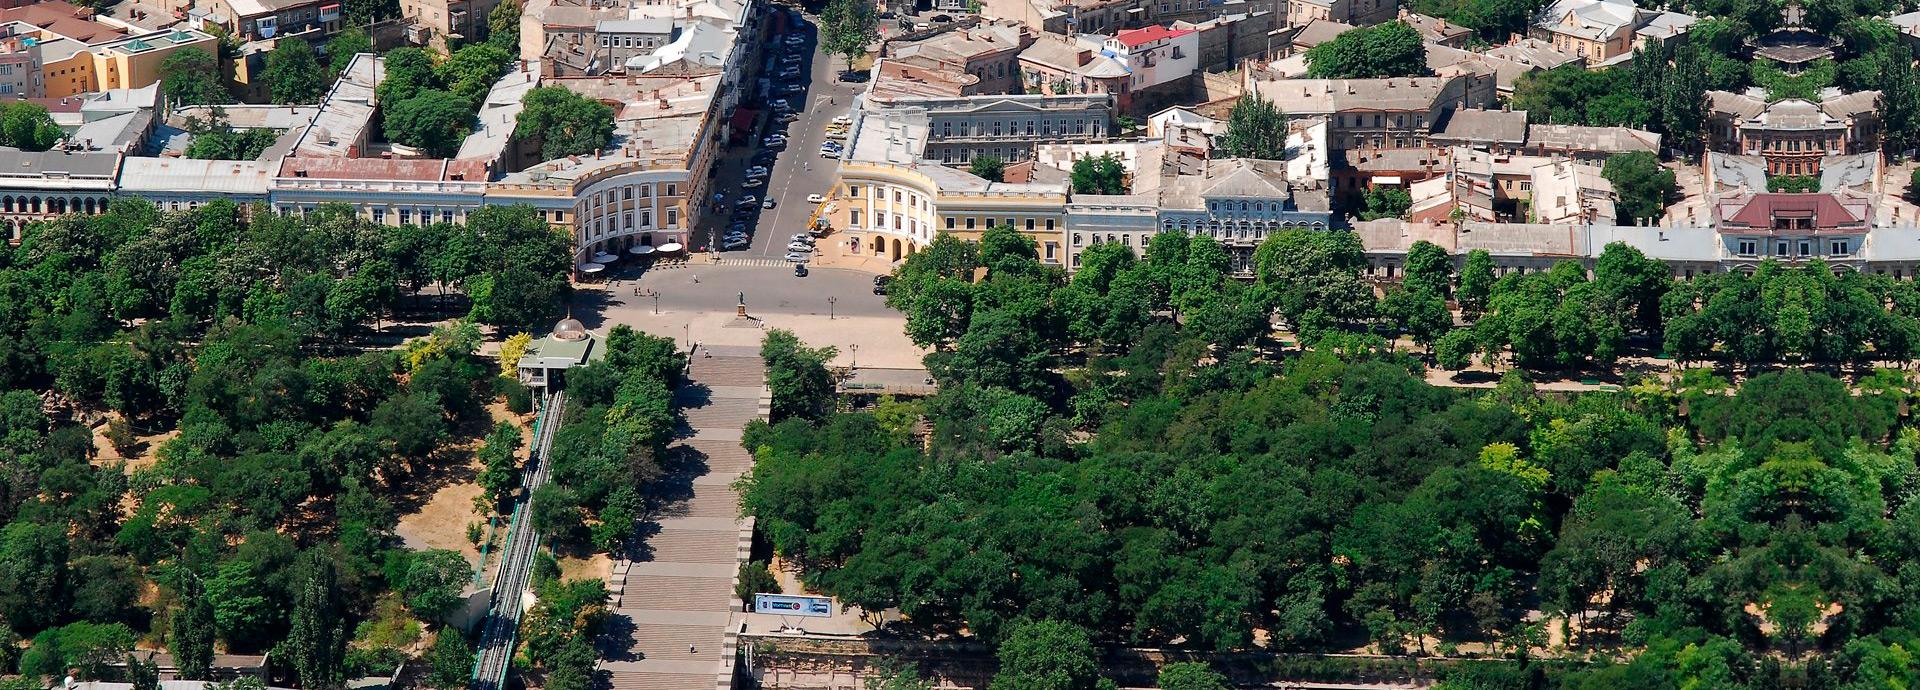 Развитие и привлекательность одесского региона